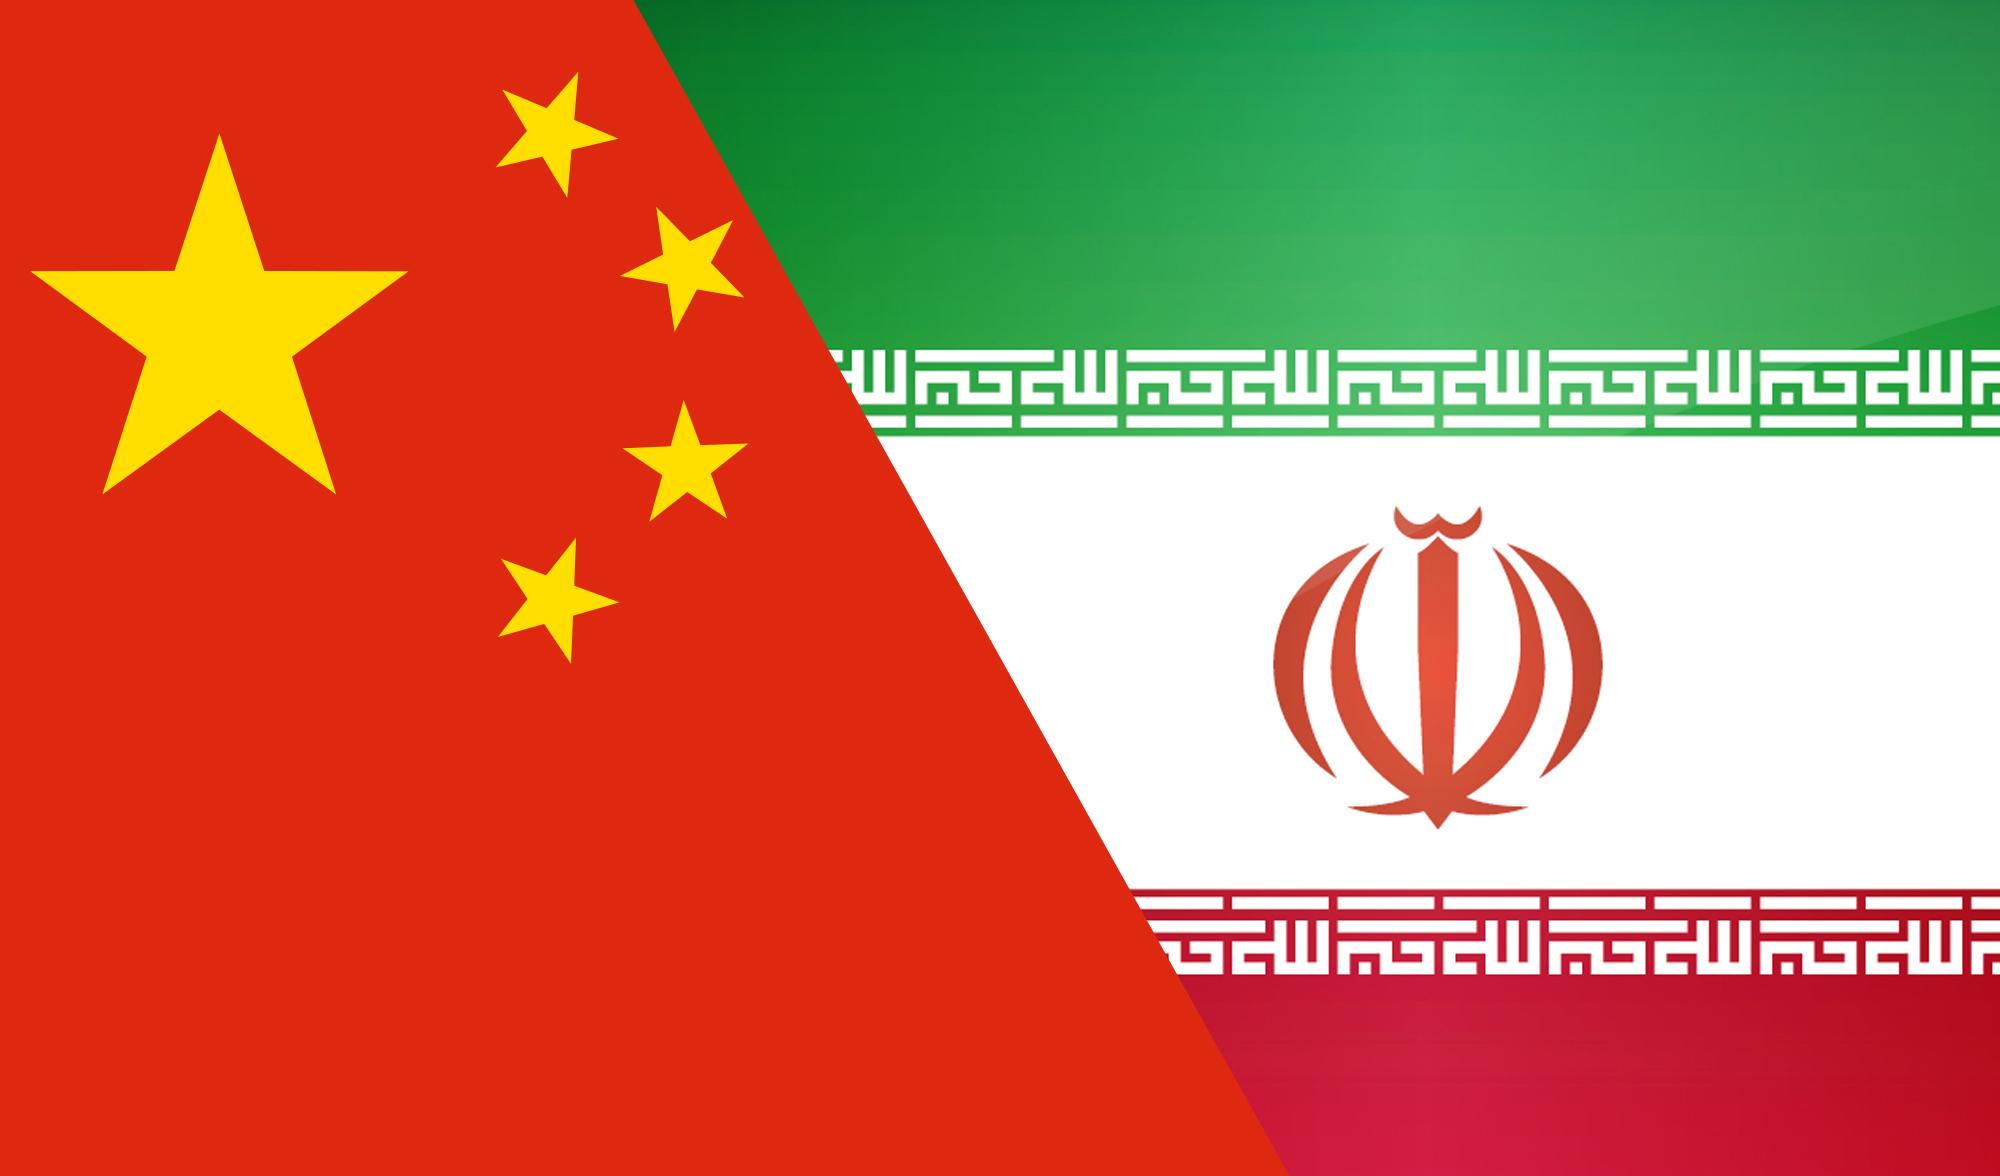 تاکید وزیر خارجه چین بر عزم این کشور برای همکاری با ایران